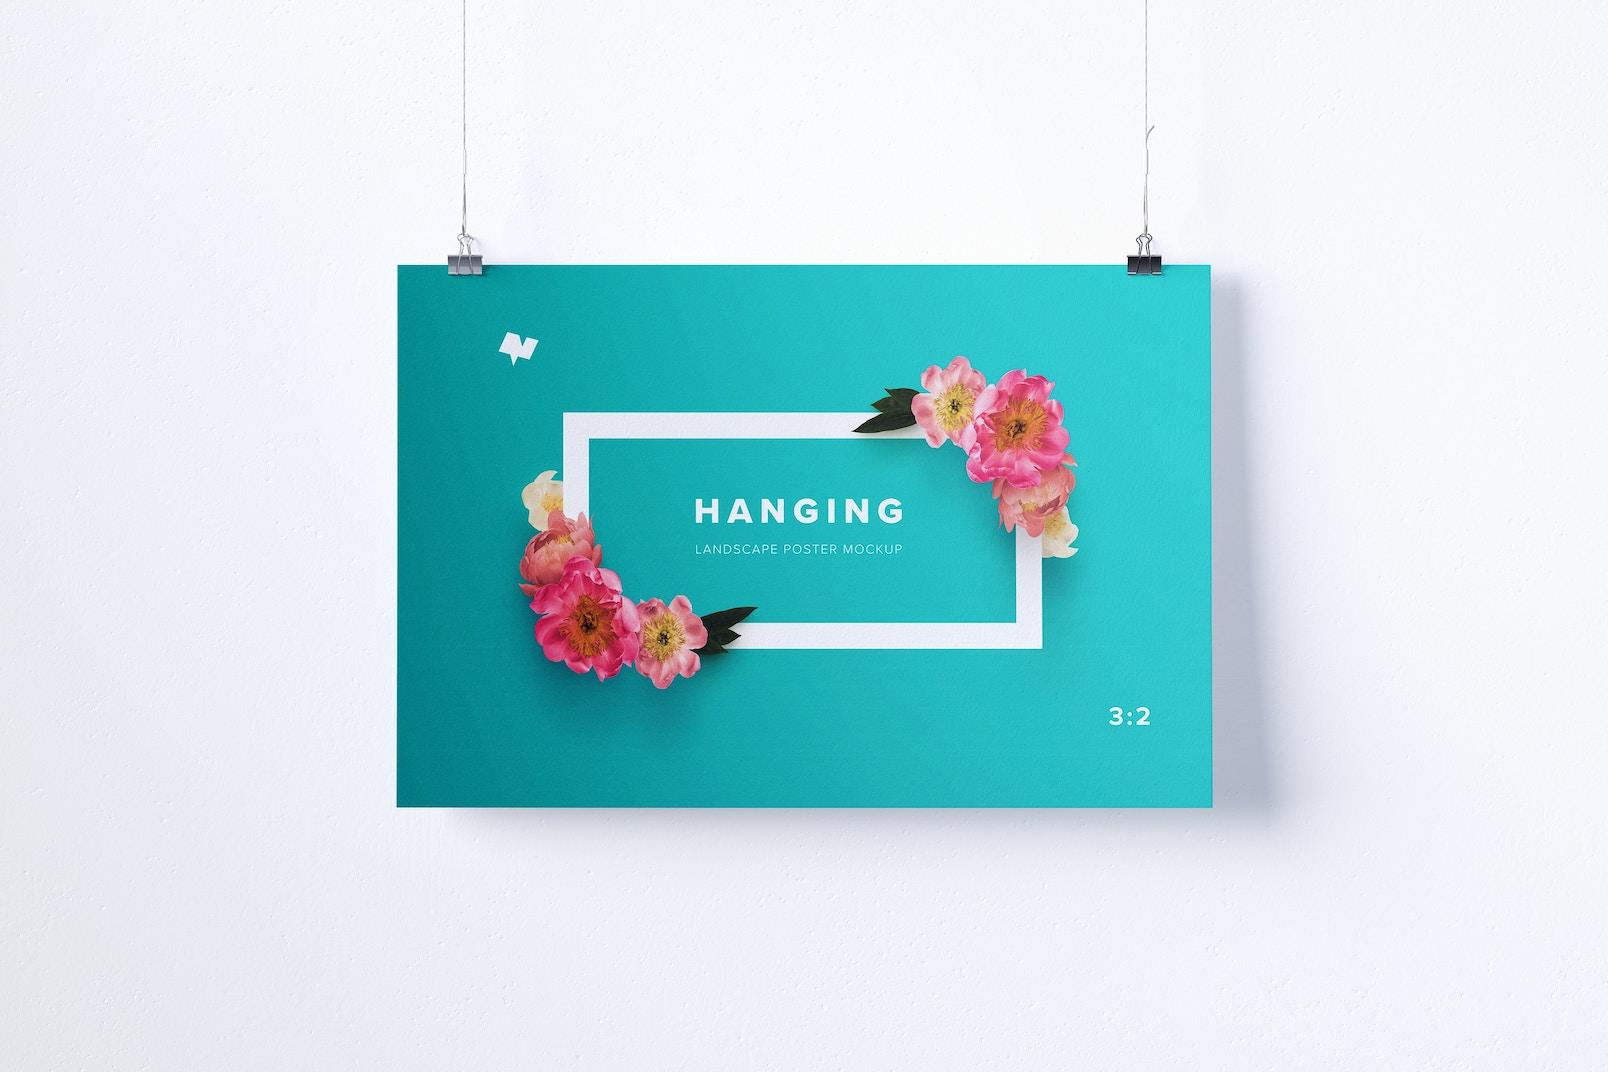 3:2 Landscape Hanging Poster Mockup